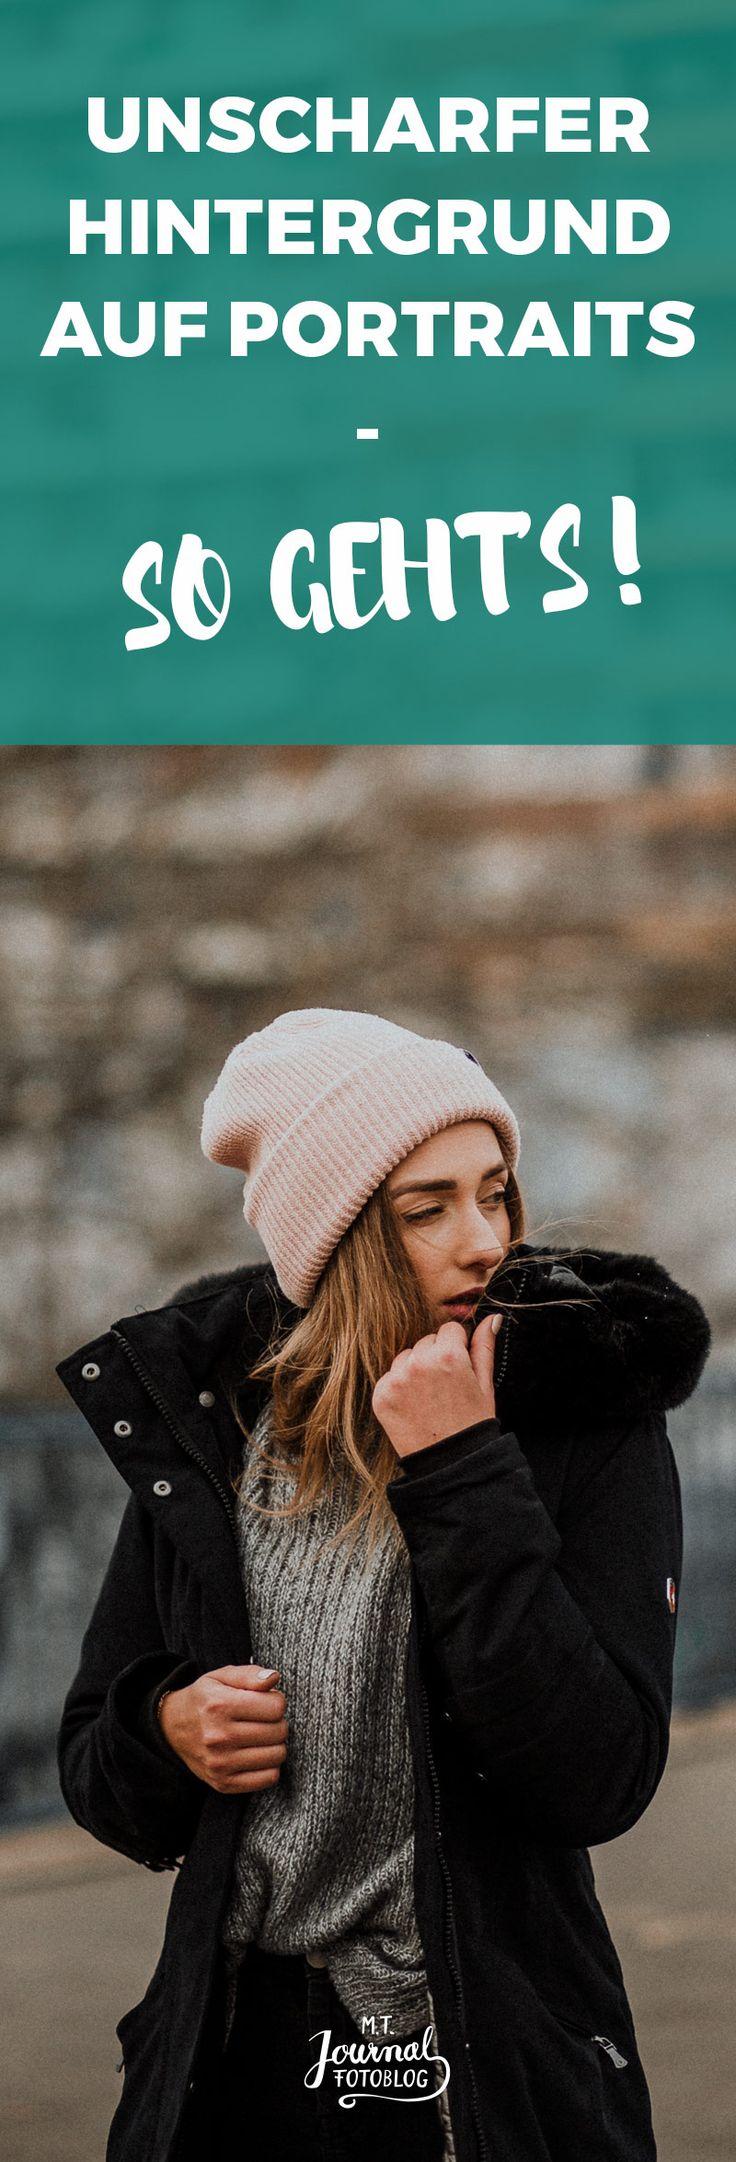 Unscharfer Hintergrund - so erzielst du massig Tiefenunschärfe und setzt sie geschickt auf deinen Fotos ein!